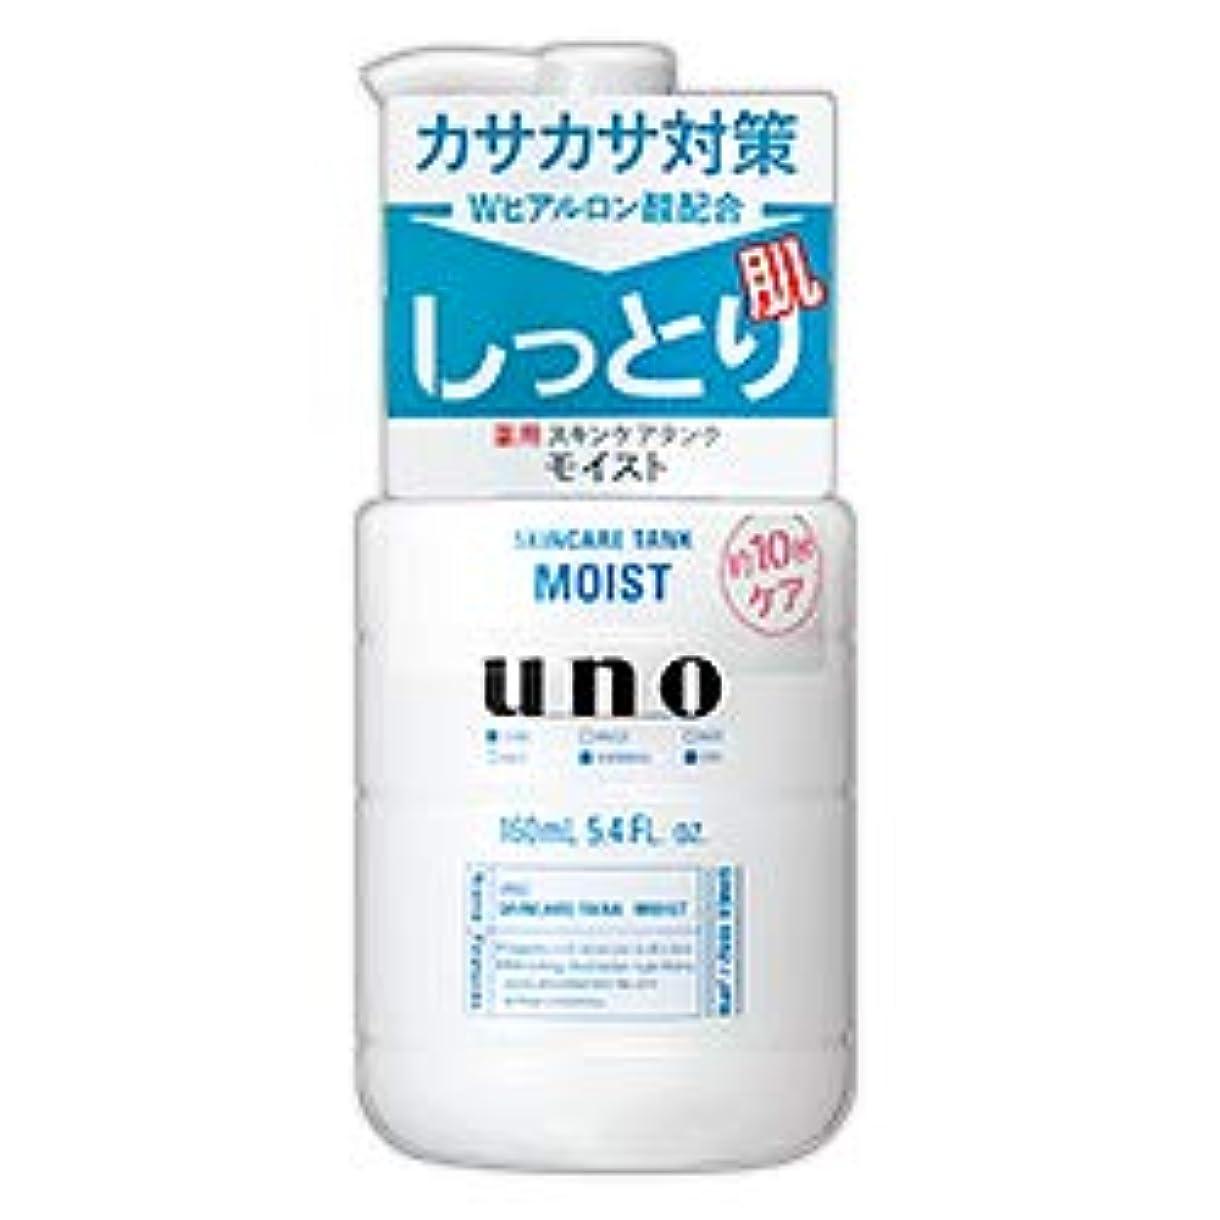 バンドル村息切れ【資生堂】ウーノ(uno) スキンケアタンク (しっとり) 160mL ×4個セット